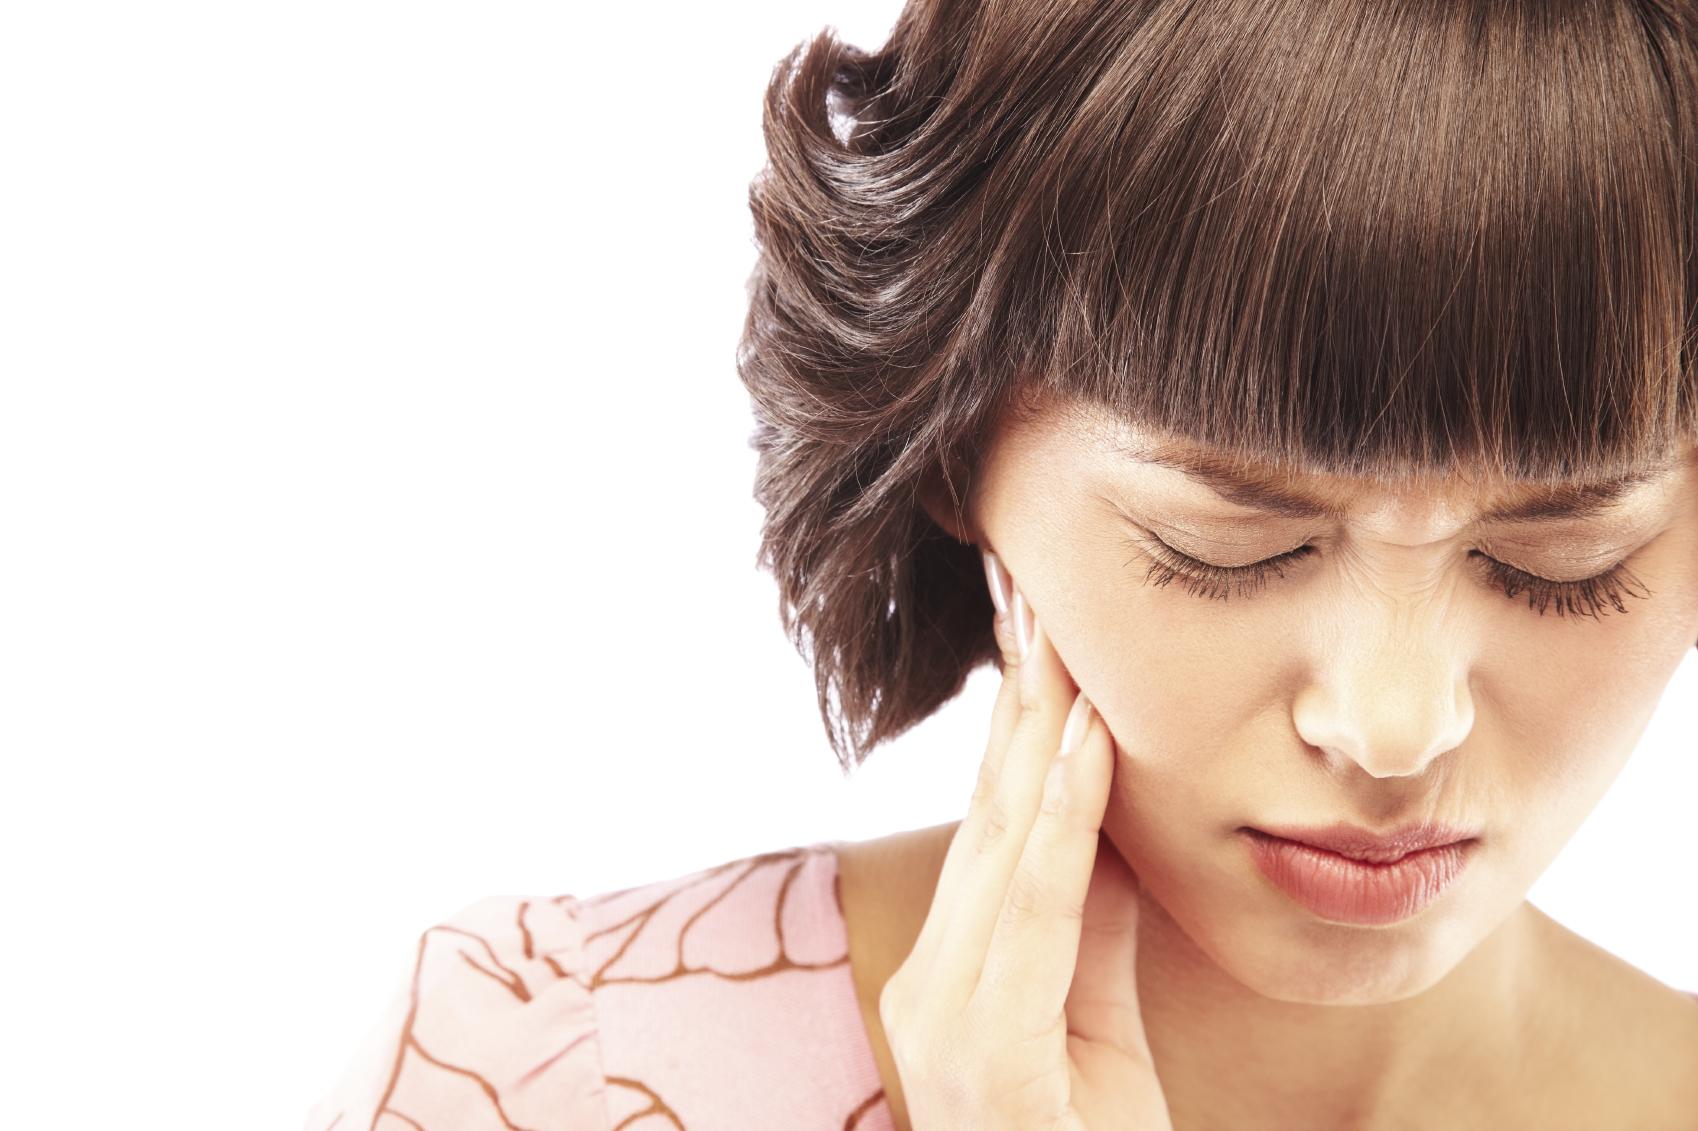 болит зуб, при беременности, что делать